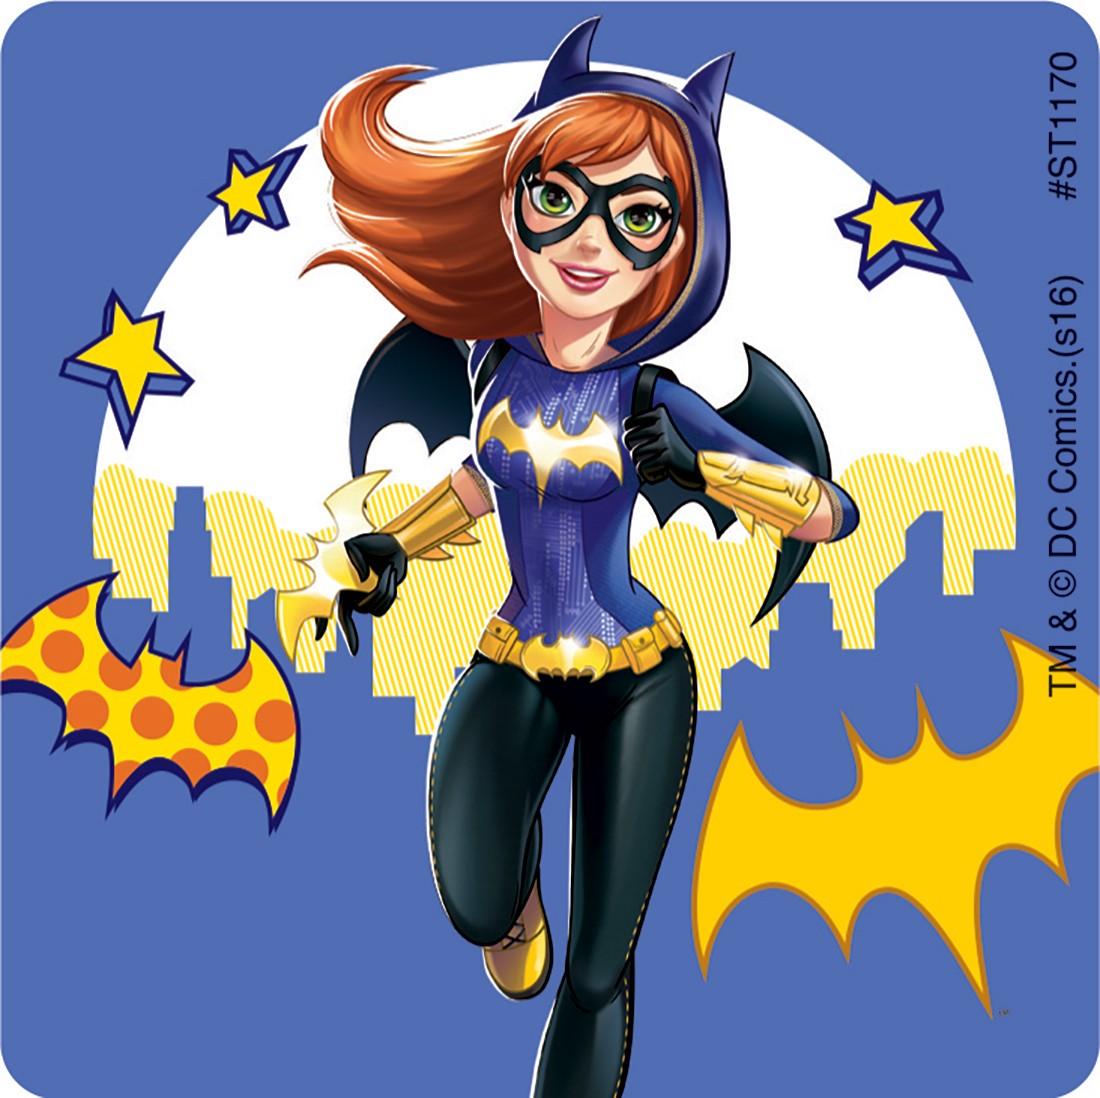 Dc Super Hero Girls Blog Arts De Dc Super Hero Girls-6292